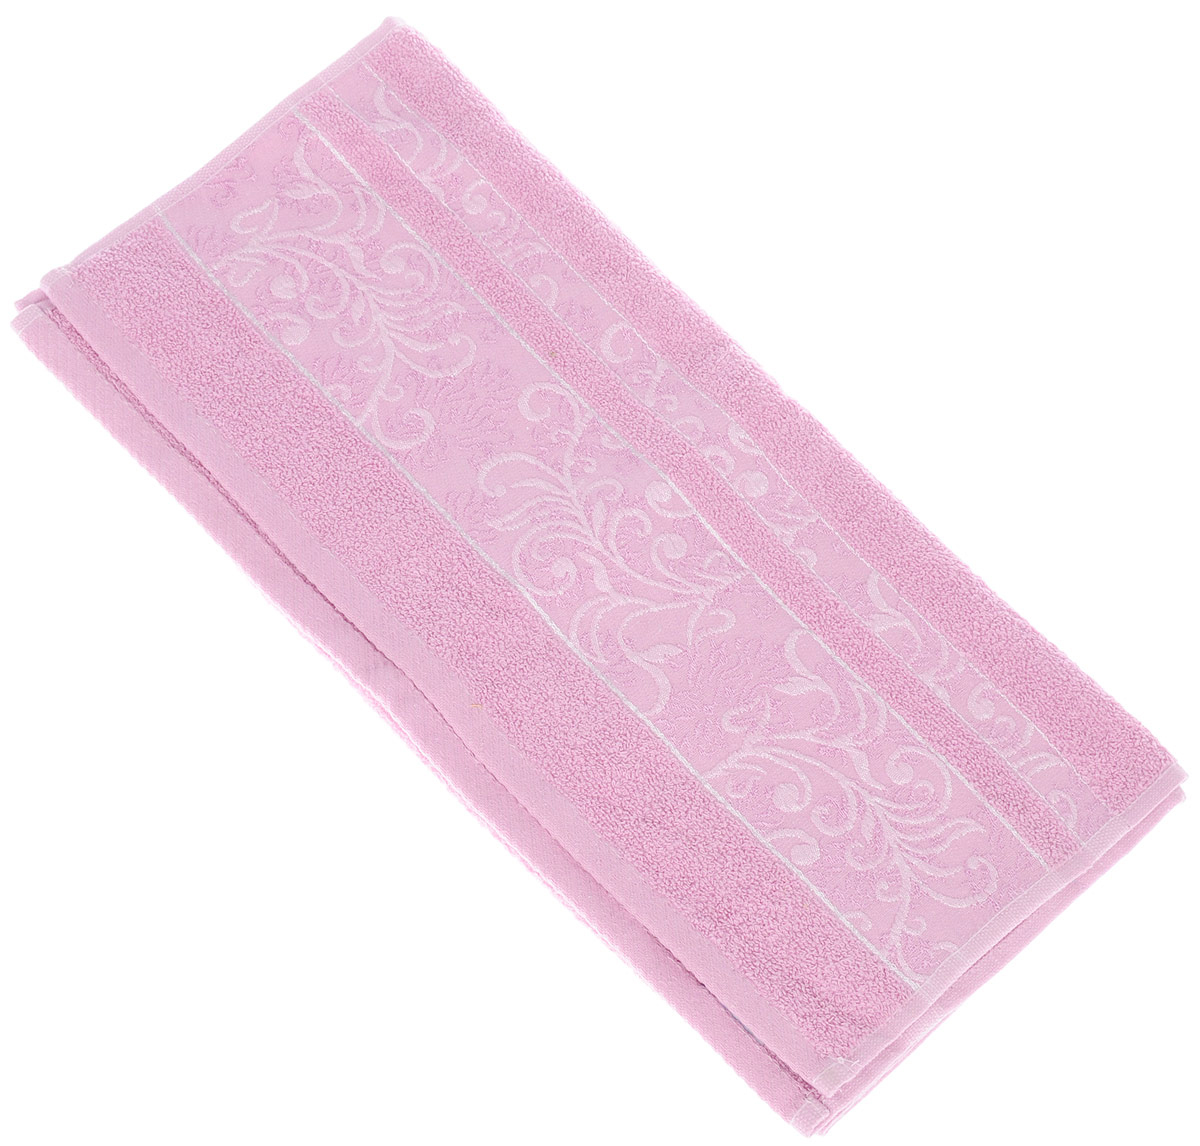 Полотенце Brielle Sarmasik Royal, цвет: розовый, 50 х 90 смS03301004Полотенце Brielle Sarmasik Royal выполнено из 100% хлопка. Изделие очень мягкое, оно отлично впитывает влагу, быстро сохнет, сохраняет яркость цвета и не теряет формы даже после многократных стирок. Модель оформлена узорным рисунком. Полотенце Brielle Sarmasik Royal очень практично и неприхотливо в уходе. Такое полотенце послужит приятным подарком.